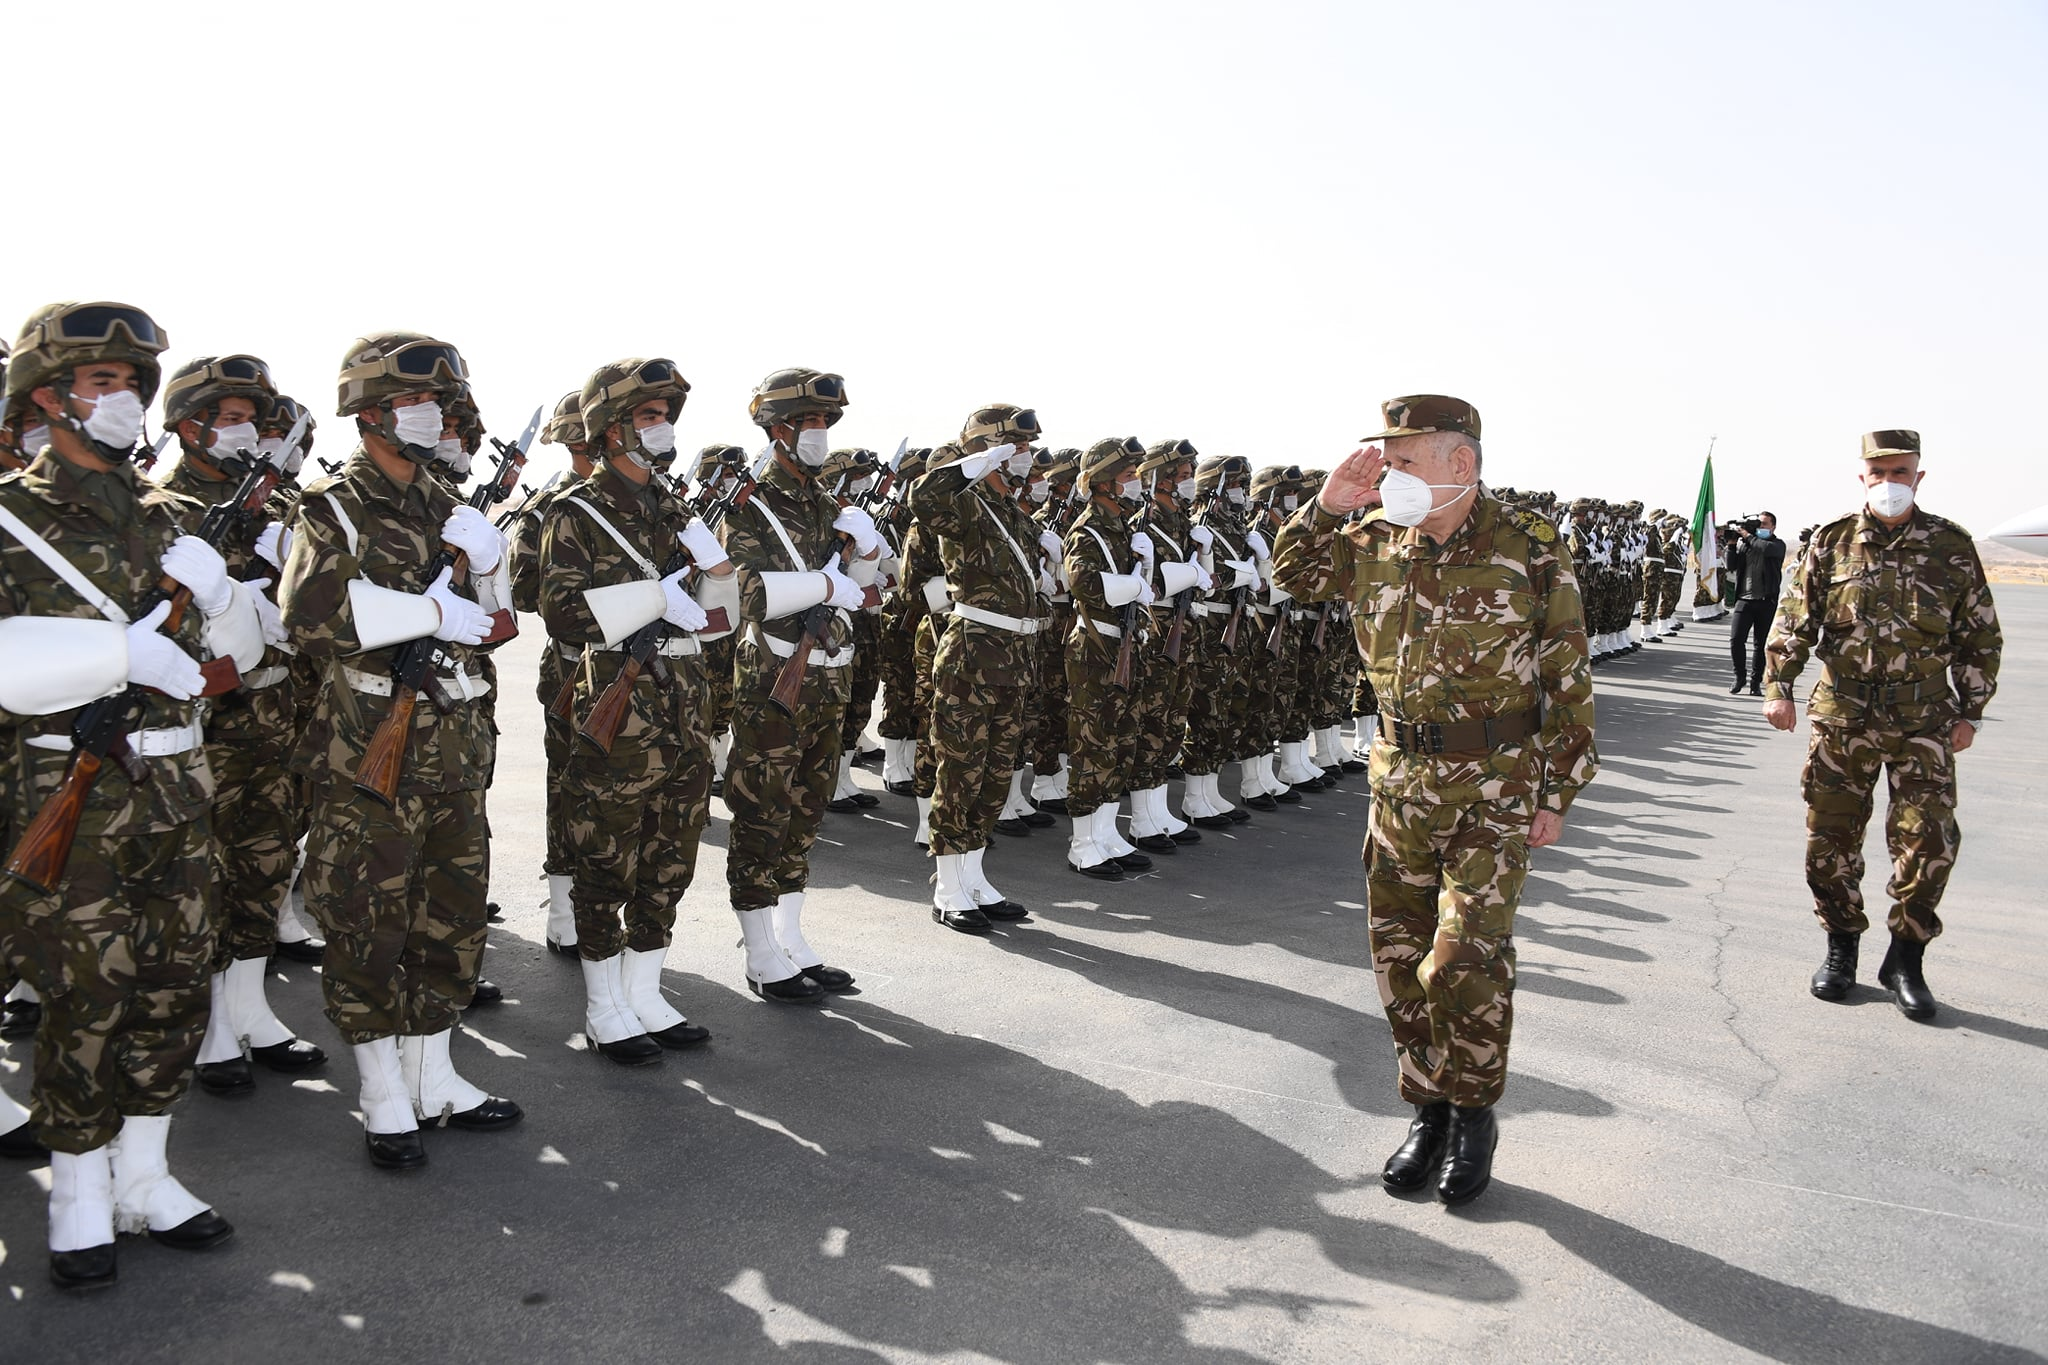 الفريق شنقريحة في زيارة الى الناحية العسكرية السادسة بتمنراست